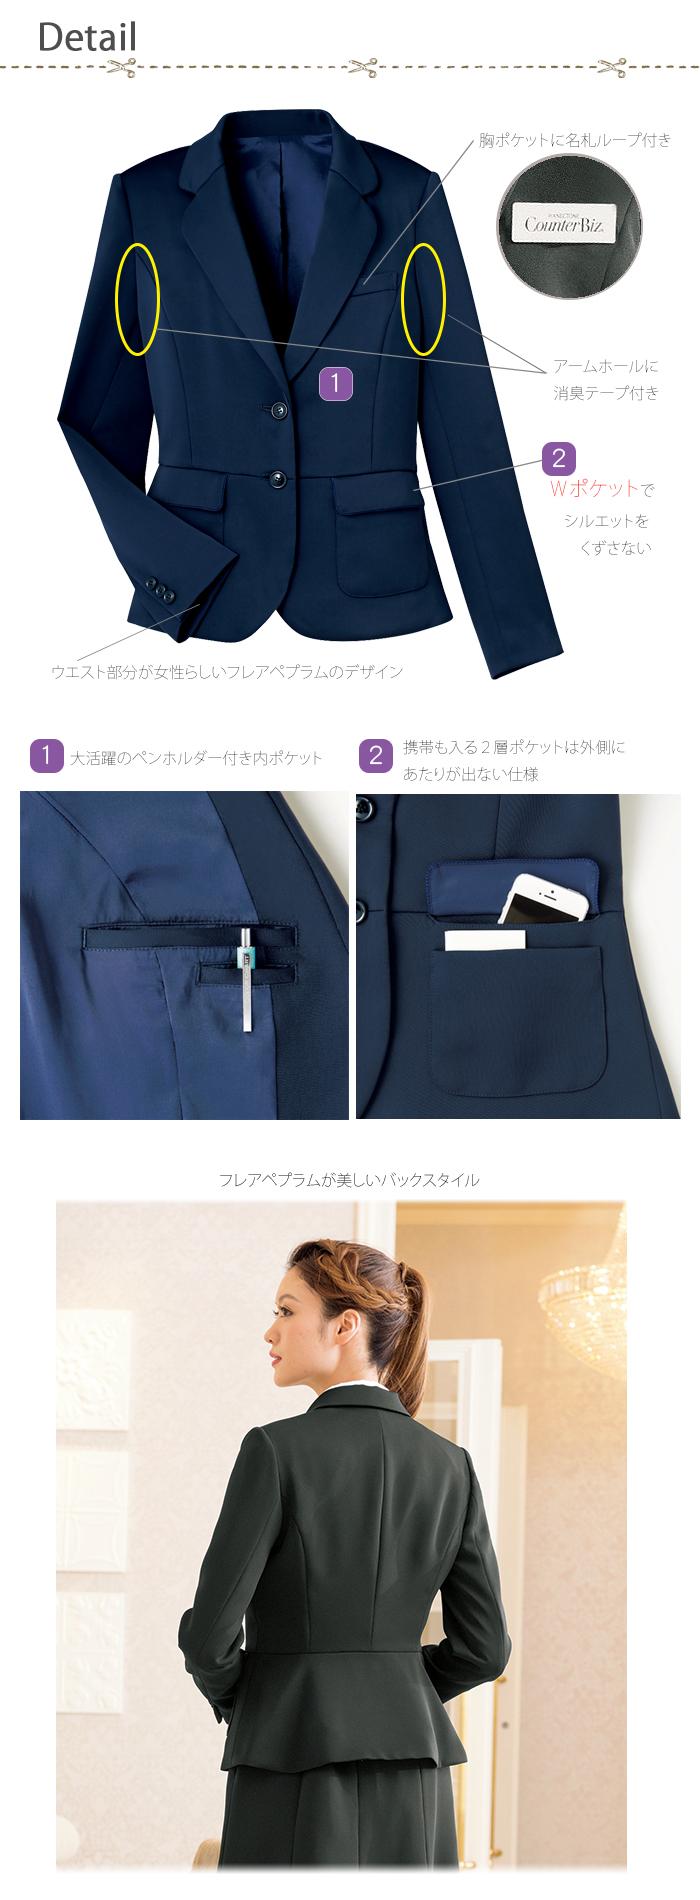 9167きれいデザイン ジャケット フレアペプラム オフィス接客